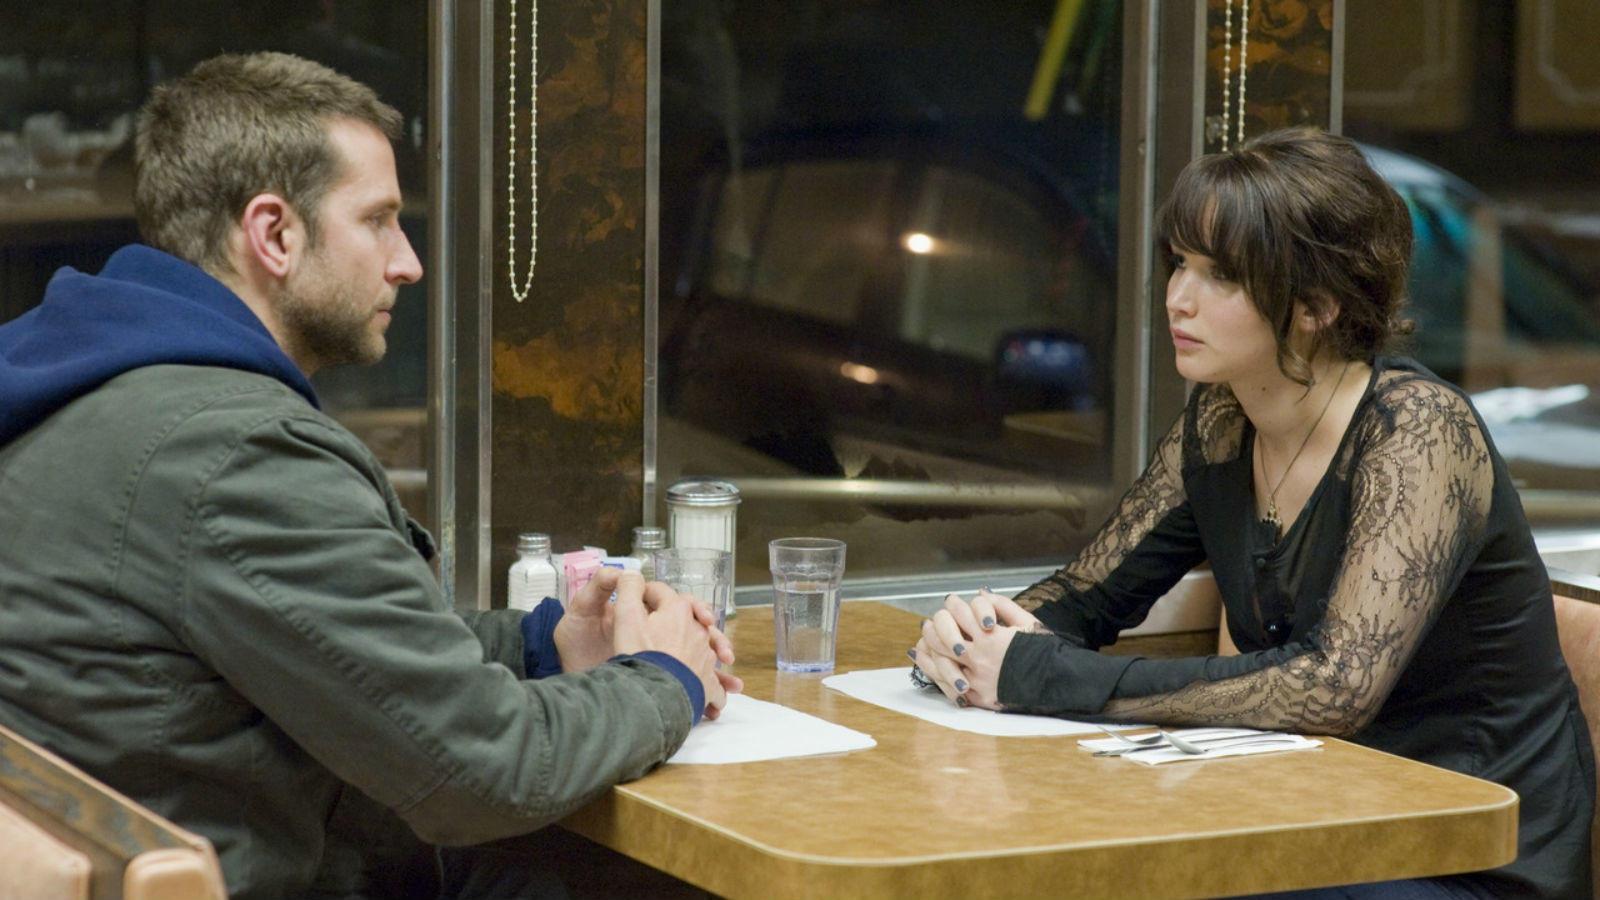 Bradley Cooper nem igazán akarta, hogy ez a vacsora Jennifer Lawrence-szel igazi randi legyen, végül mégis az lett. És így ez lett az eddig látott legbénább nem-randi. (The Weinstein Company)